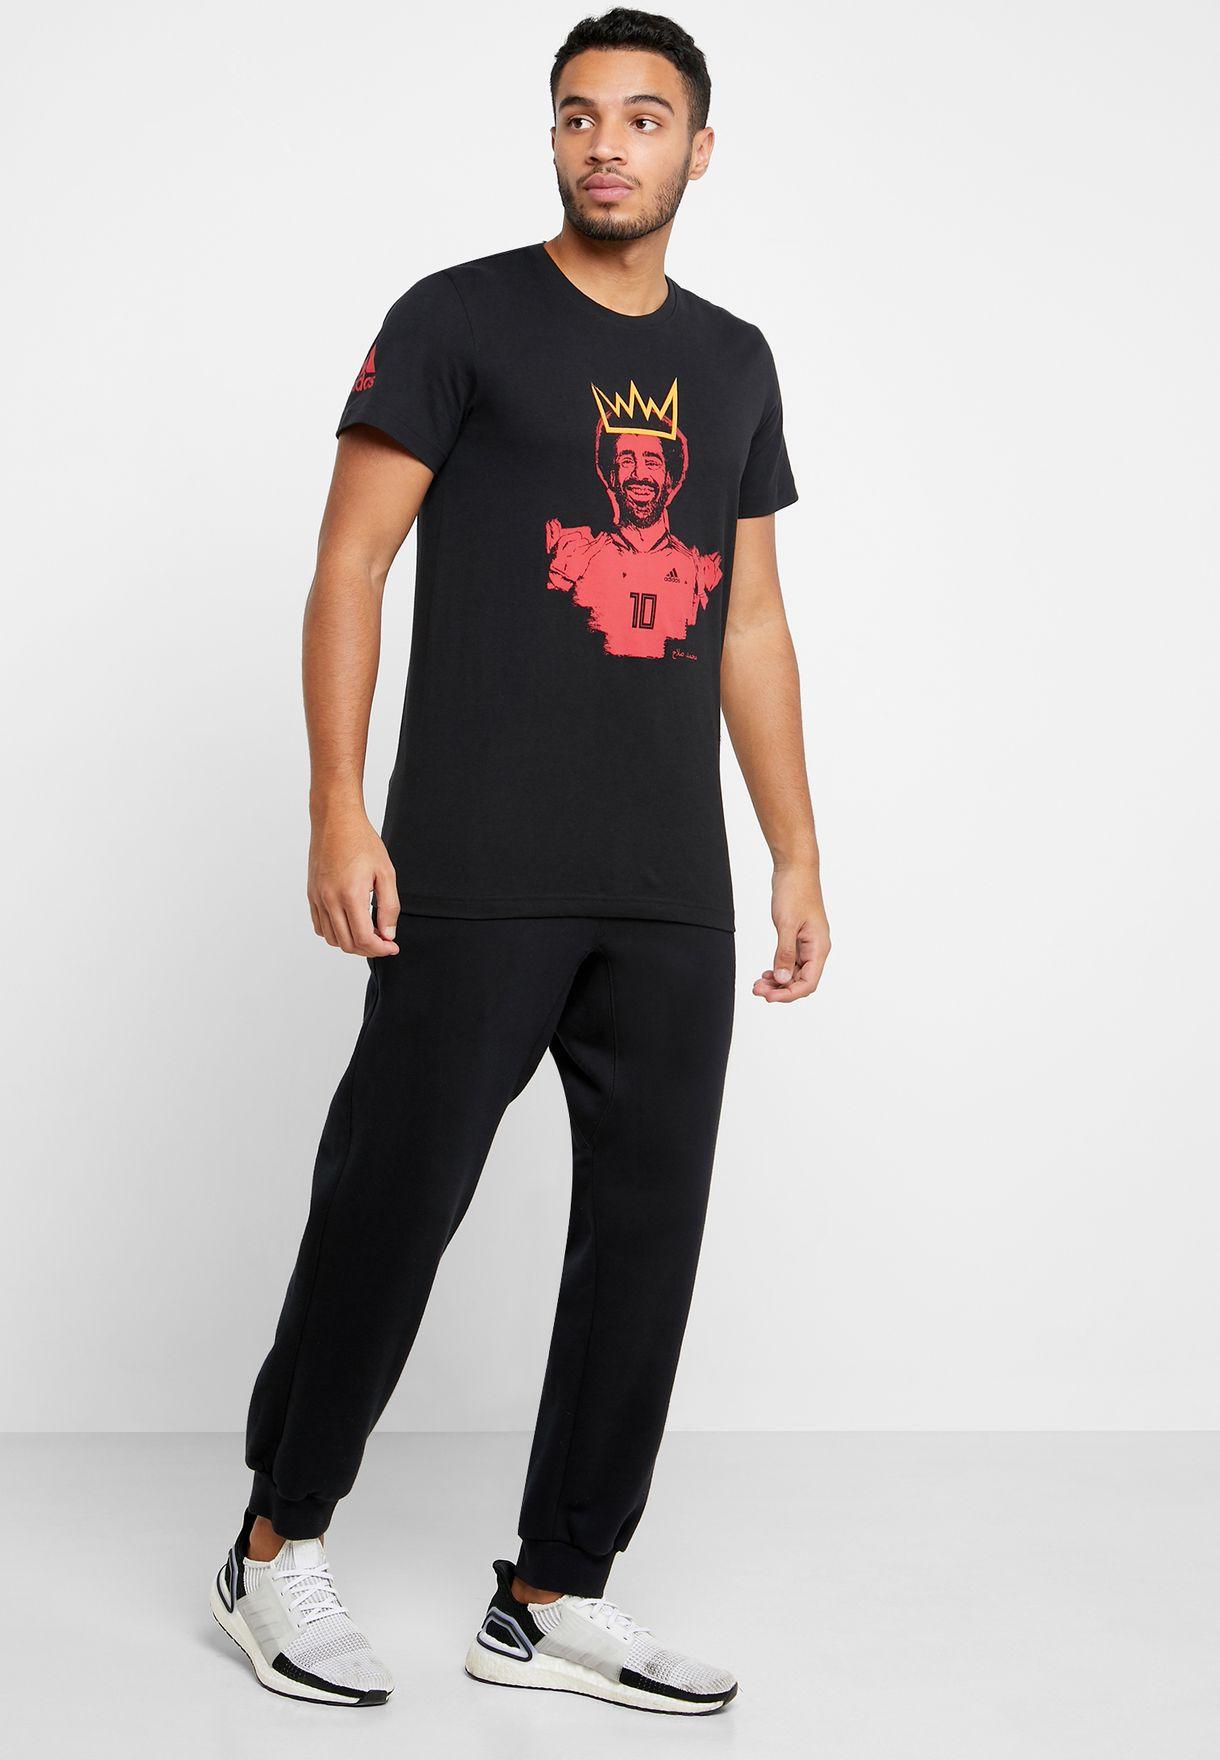 Salah Player T-Shirt